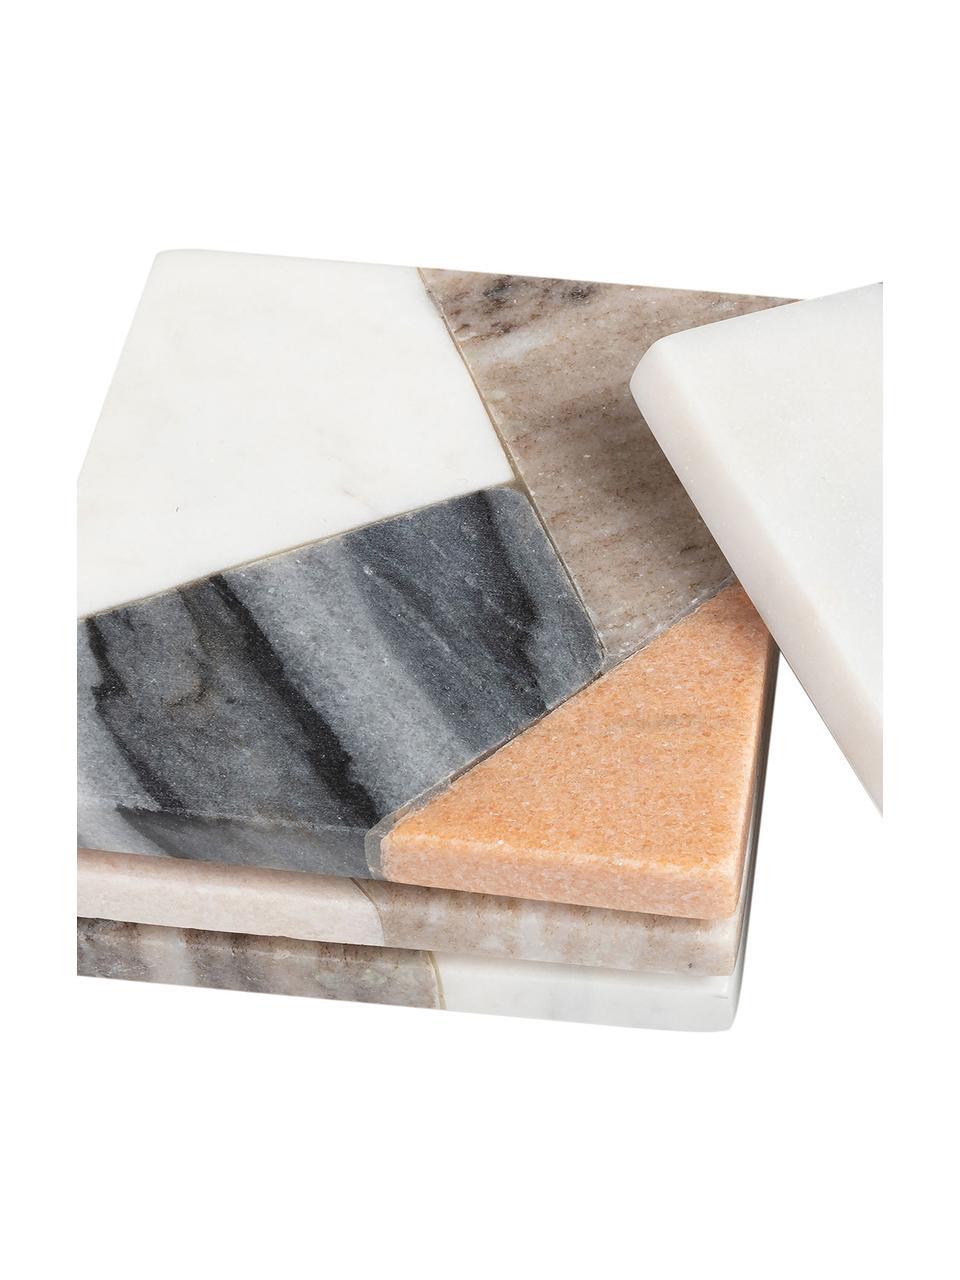 Podstawka z marmuru Bradney, 4 elem., Ceramika, marmur, Wielobarwny, S 10 x G 10 cm